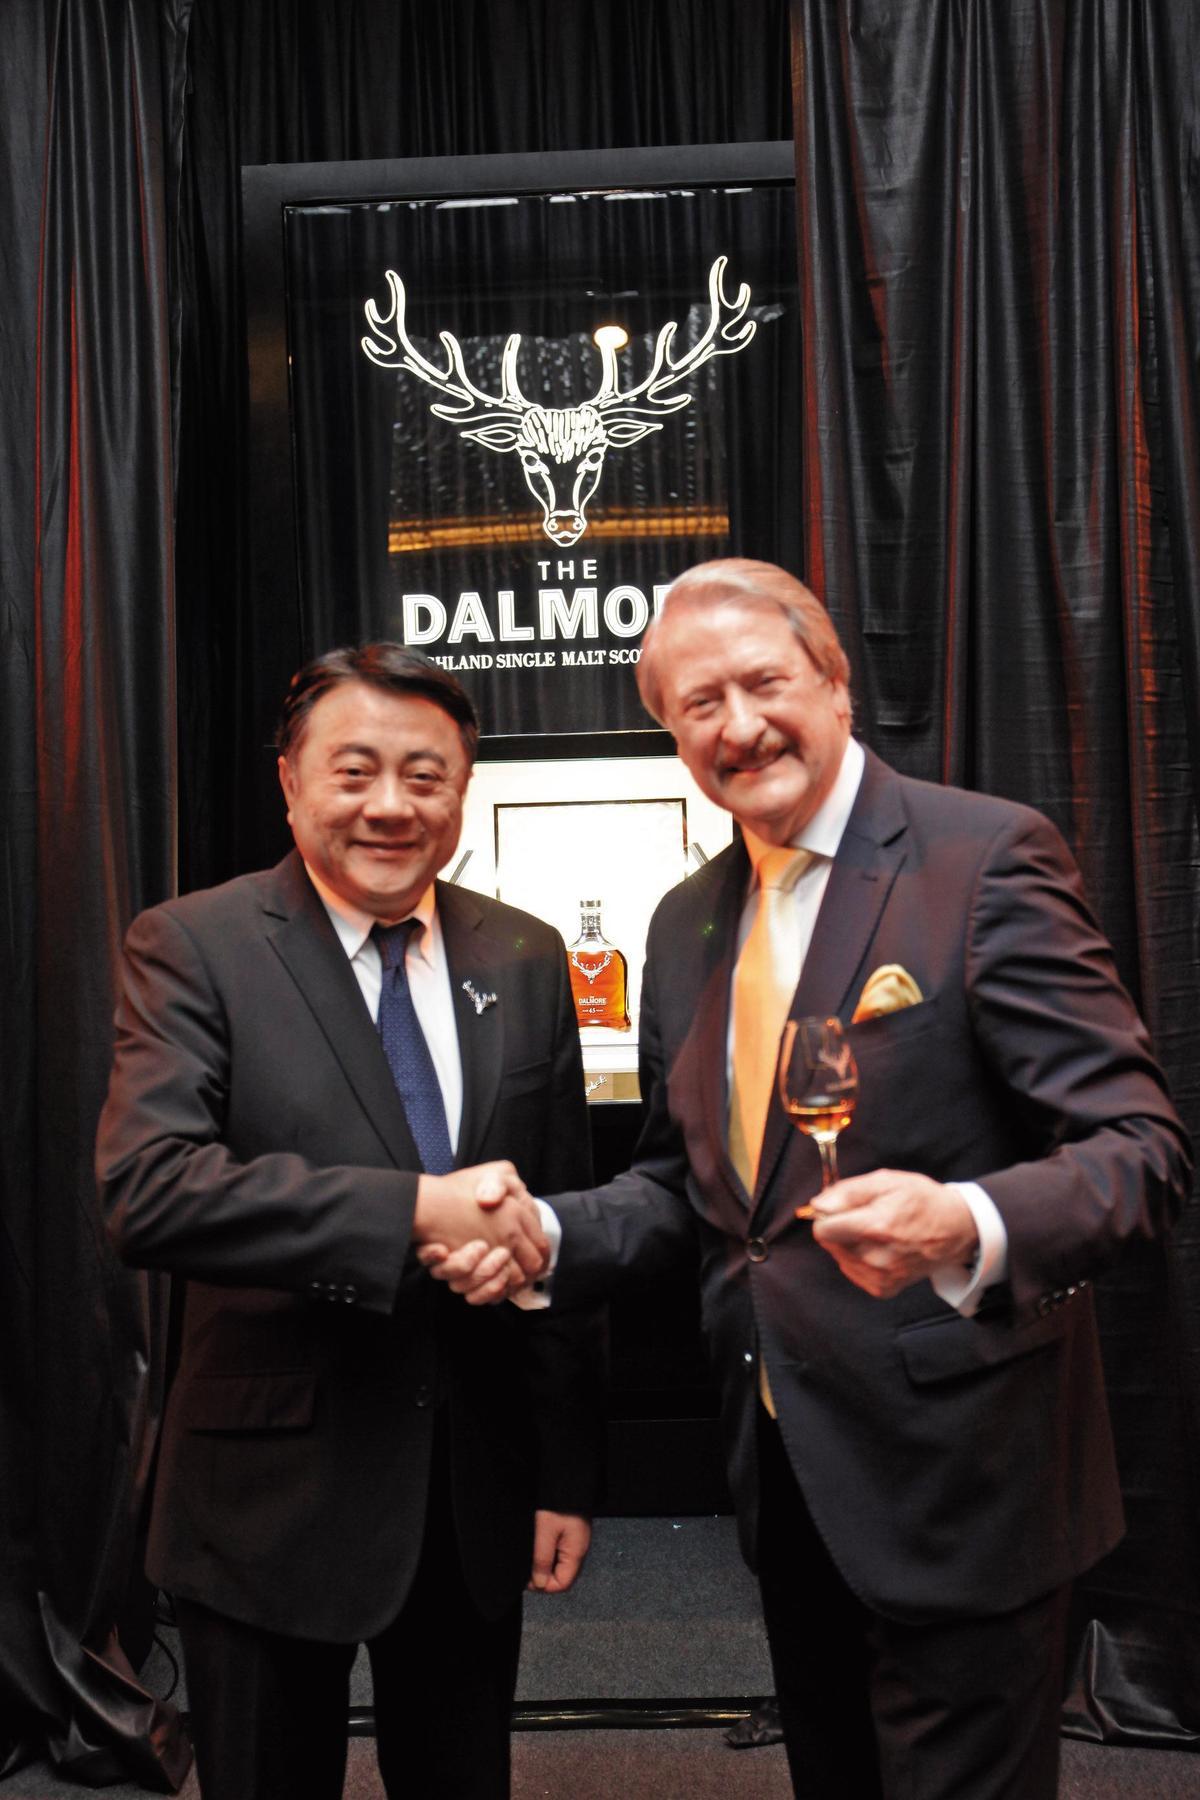 2017年台灣躍居為大摩全球銷售第一的市場,尚格酒業董事長奚大寧(左)的貢獻不在話下。